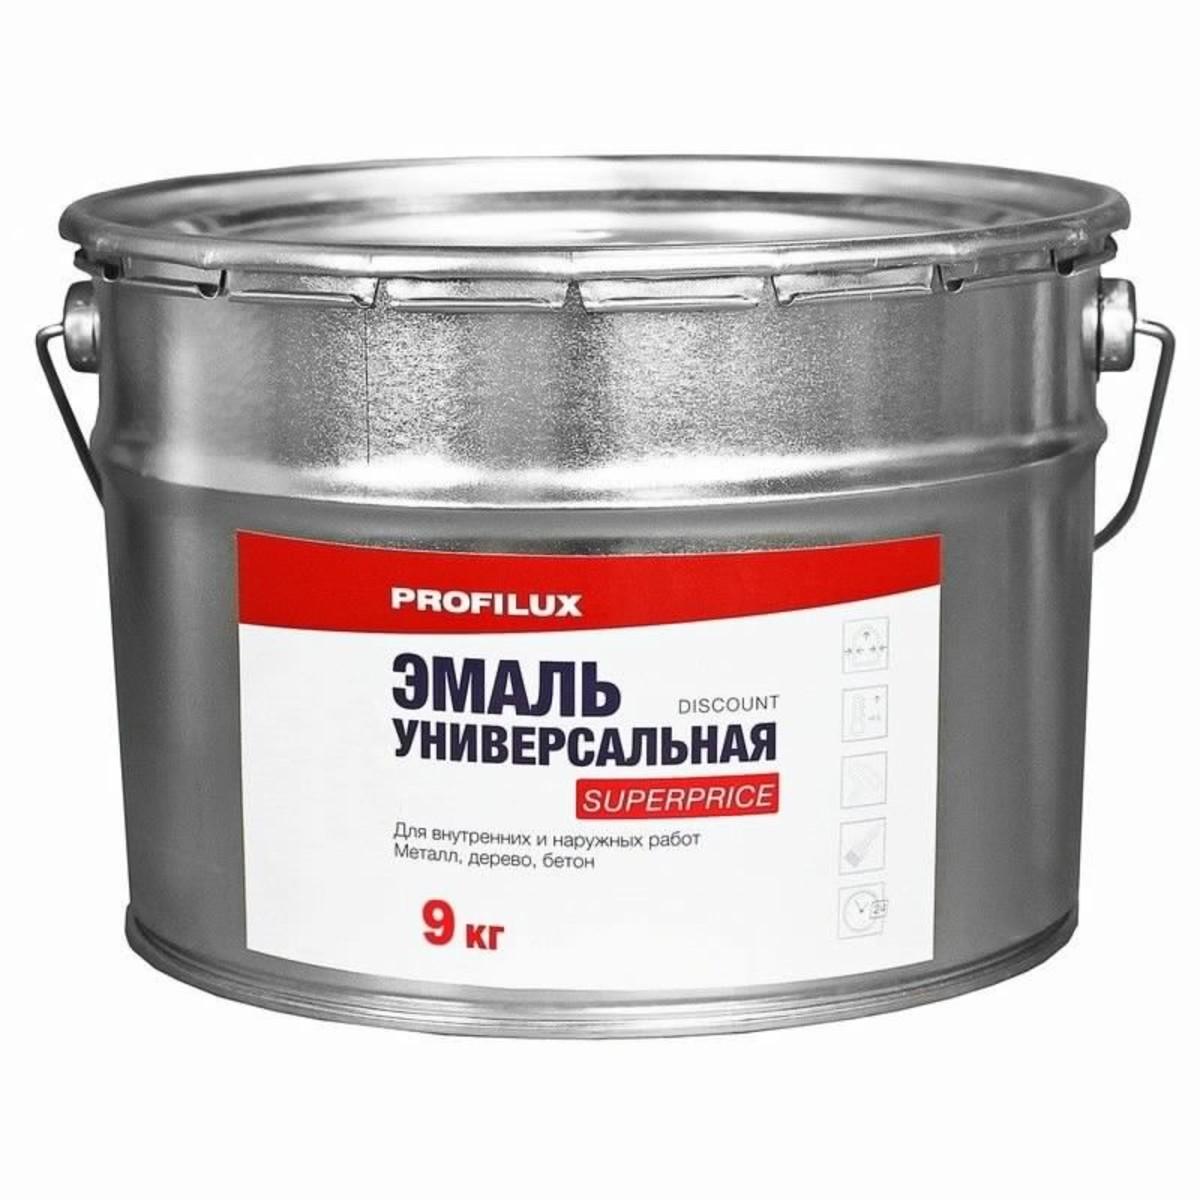 Эмаль универсальная Superprice 9 кг цвет коричневый